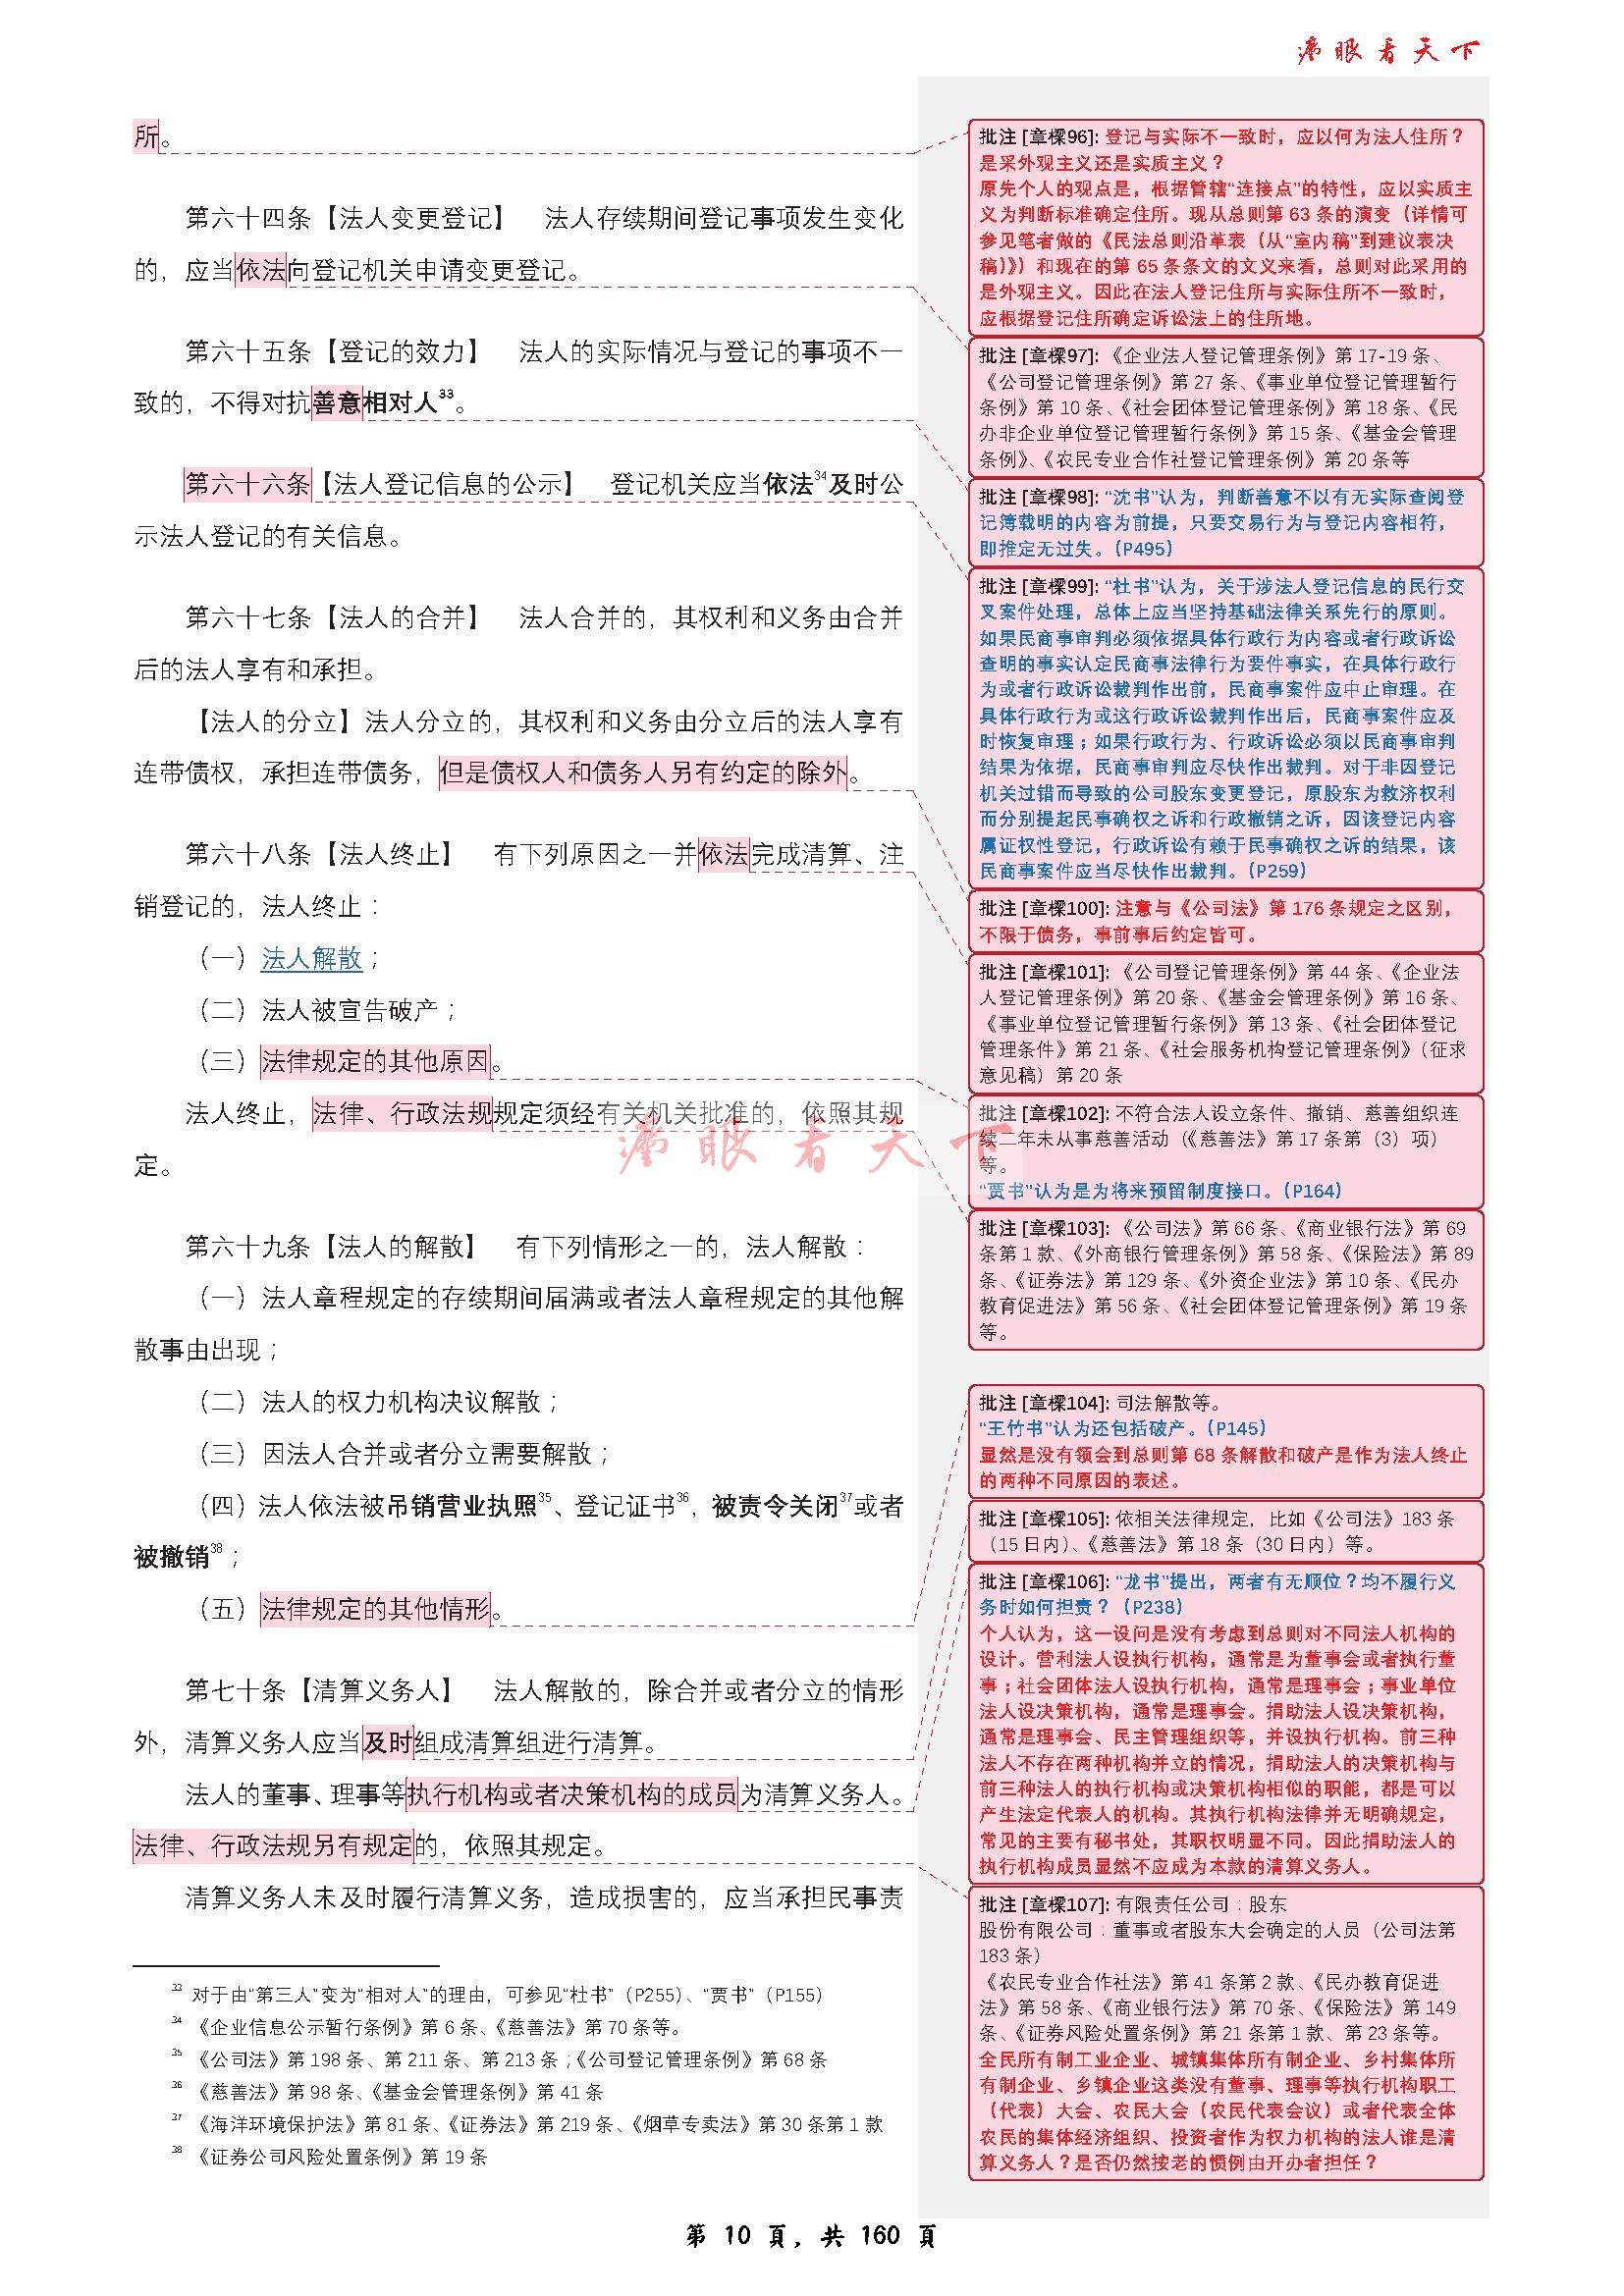 民法总则批注_页面_10.png